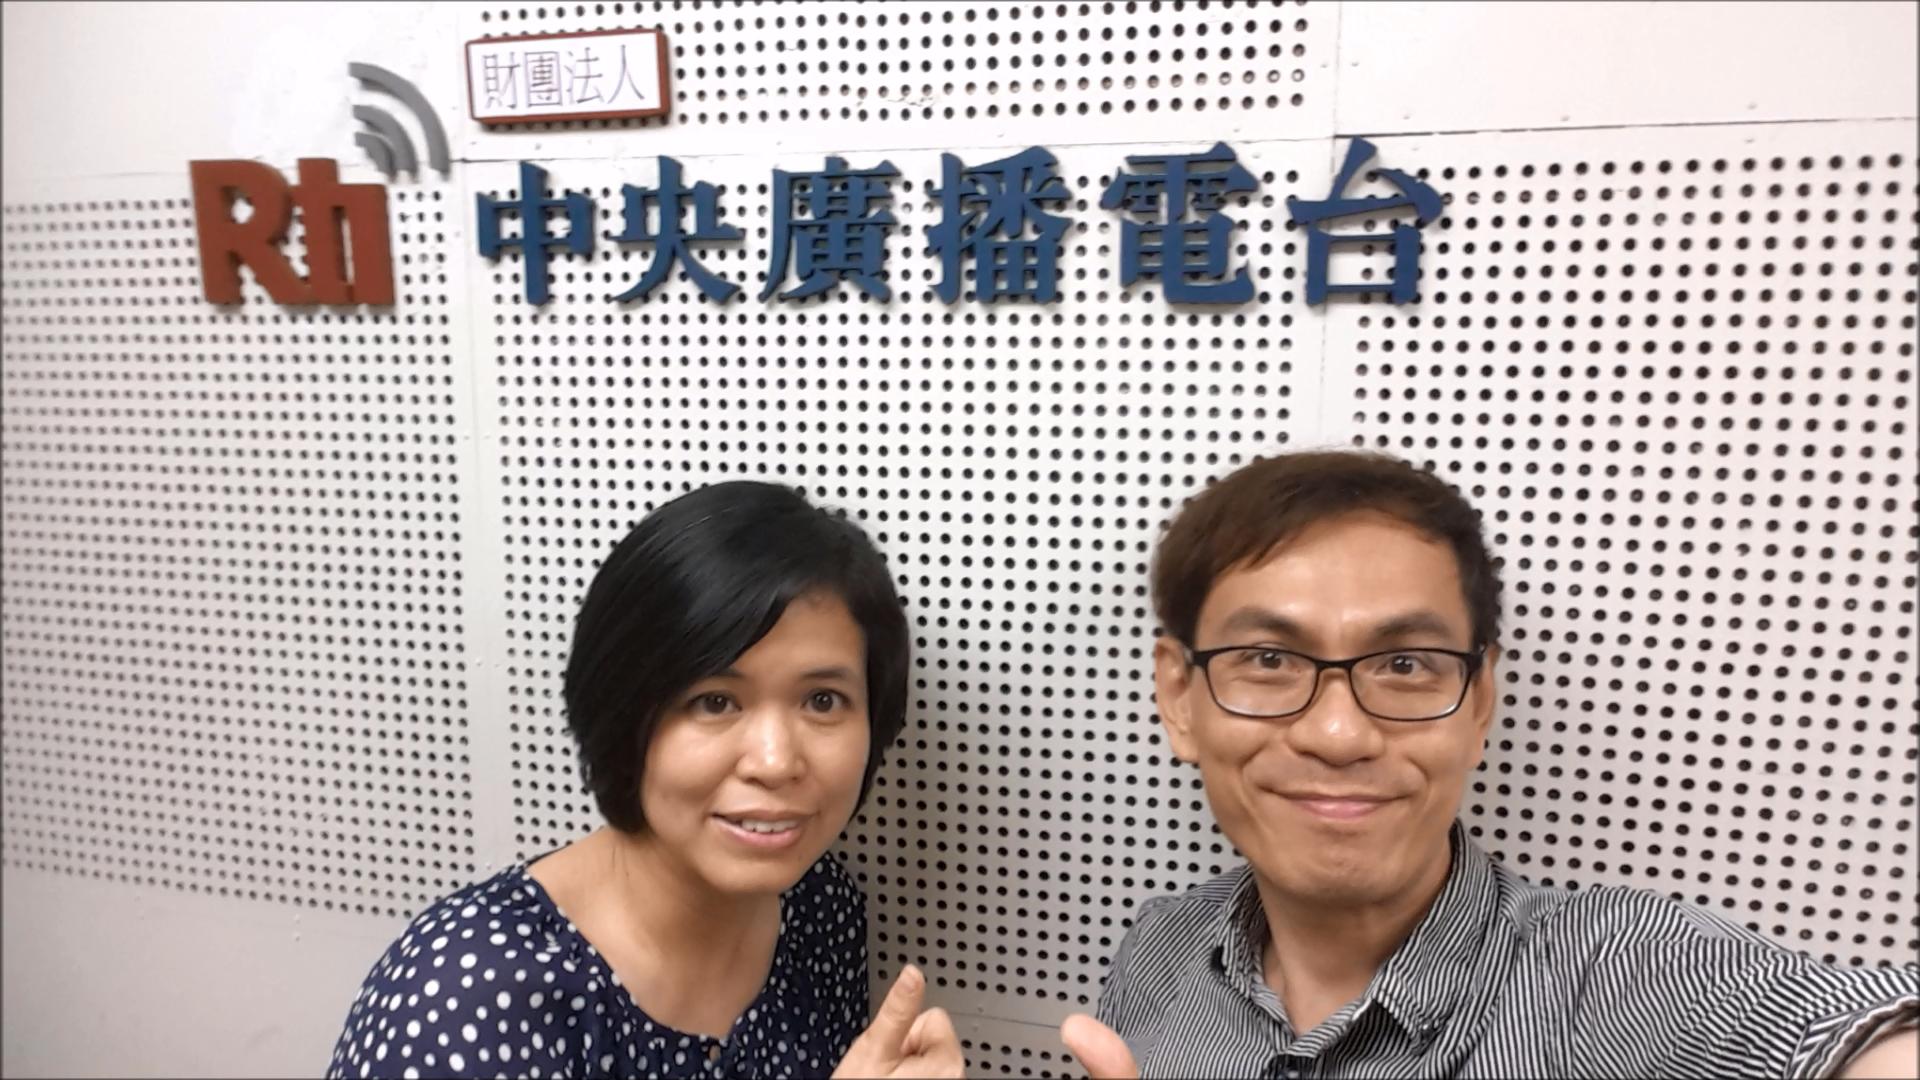 2015.07.09中央廣播電台台灣紅不讓